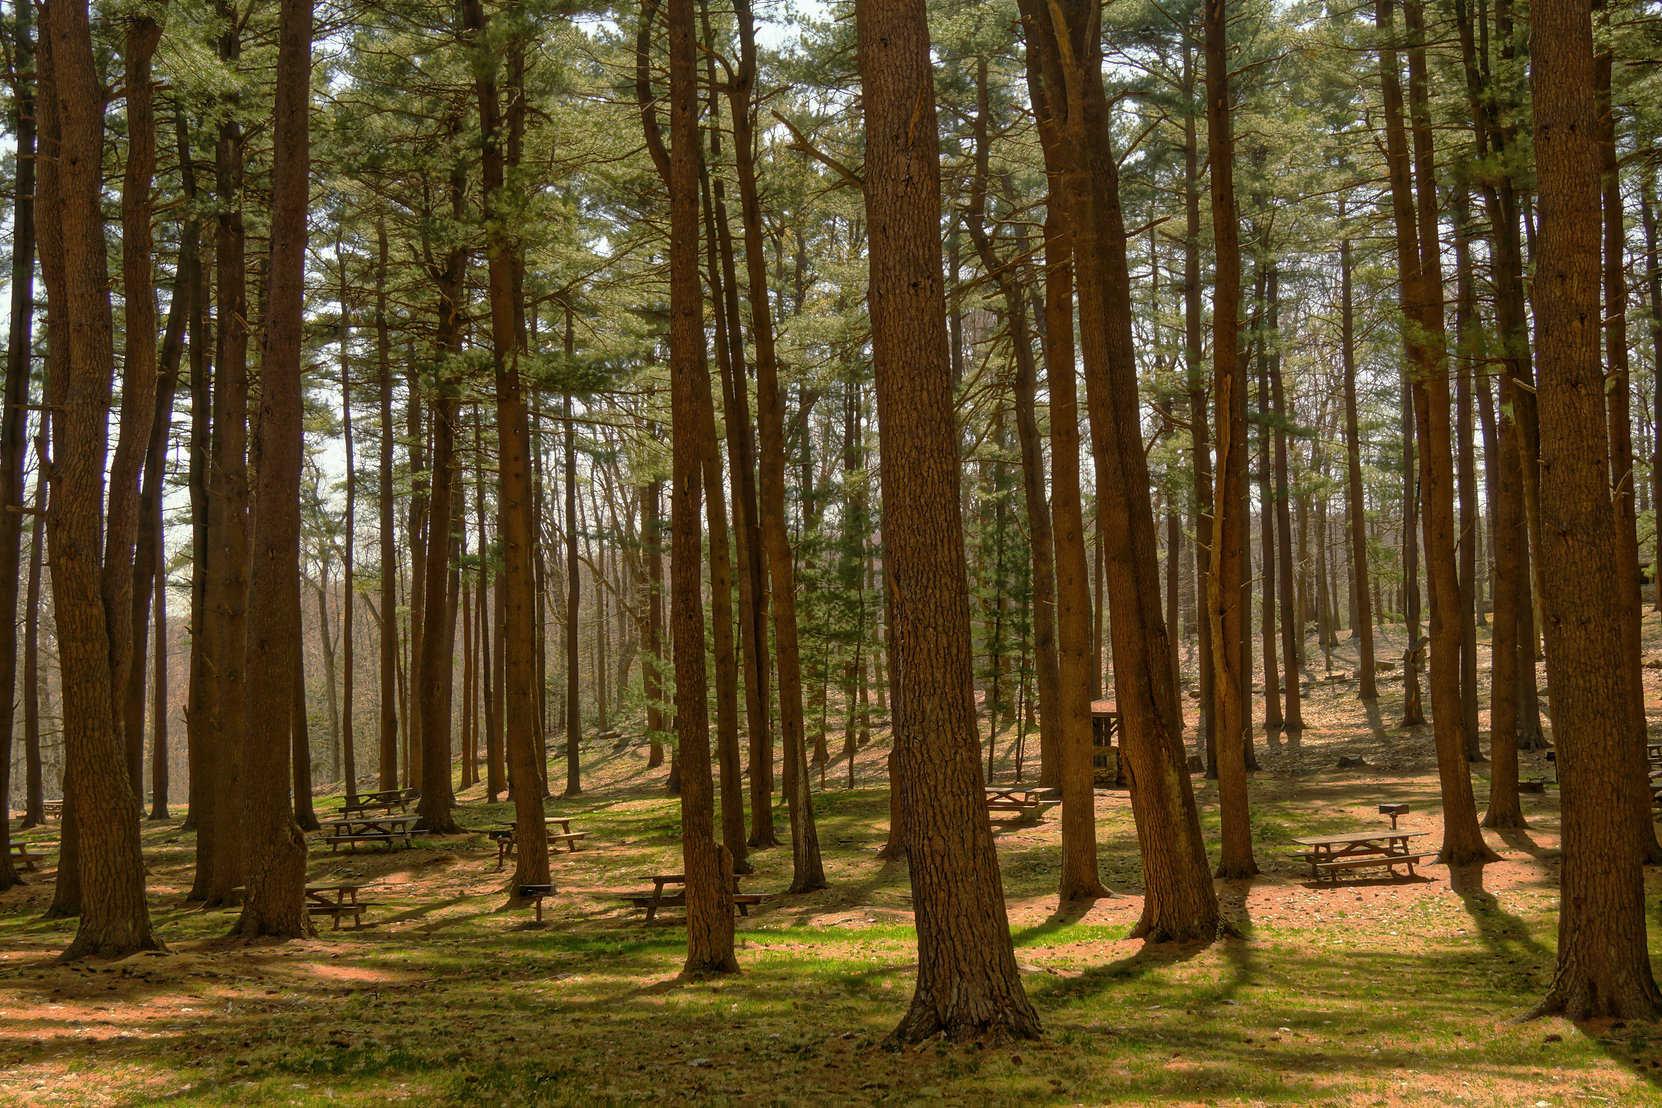 Den Wald vor Bäumen nicht sehen